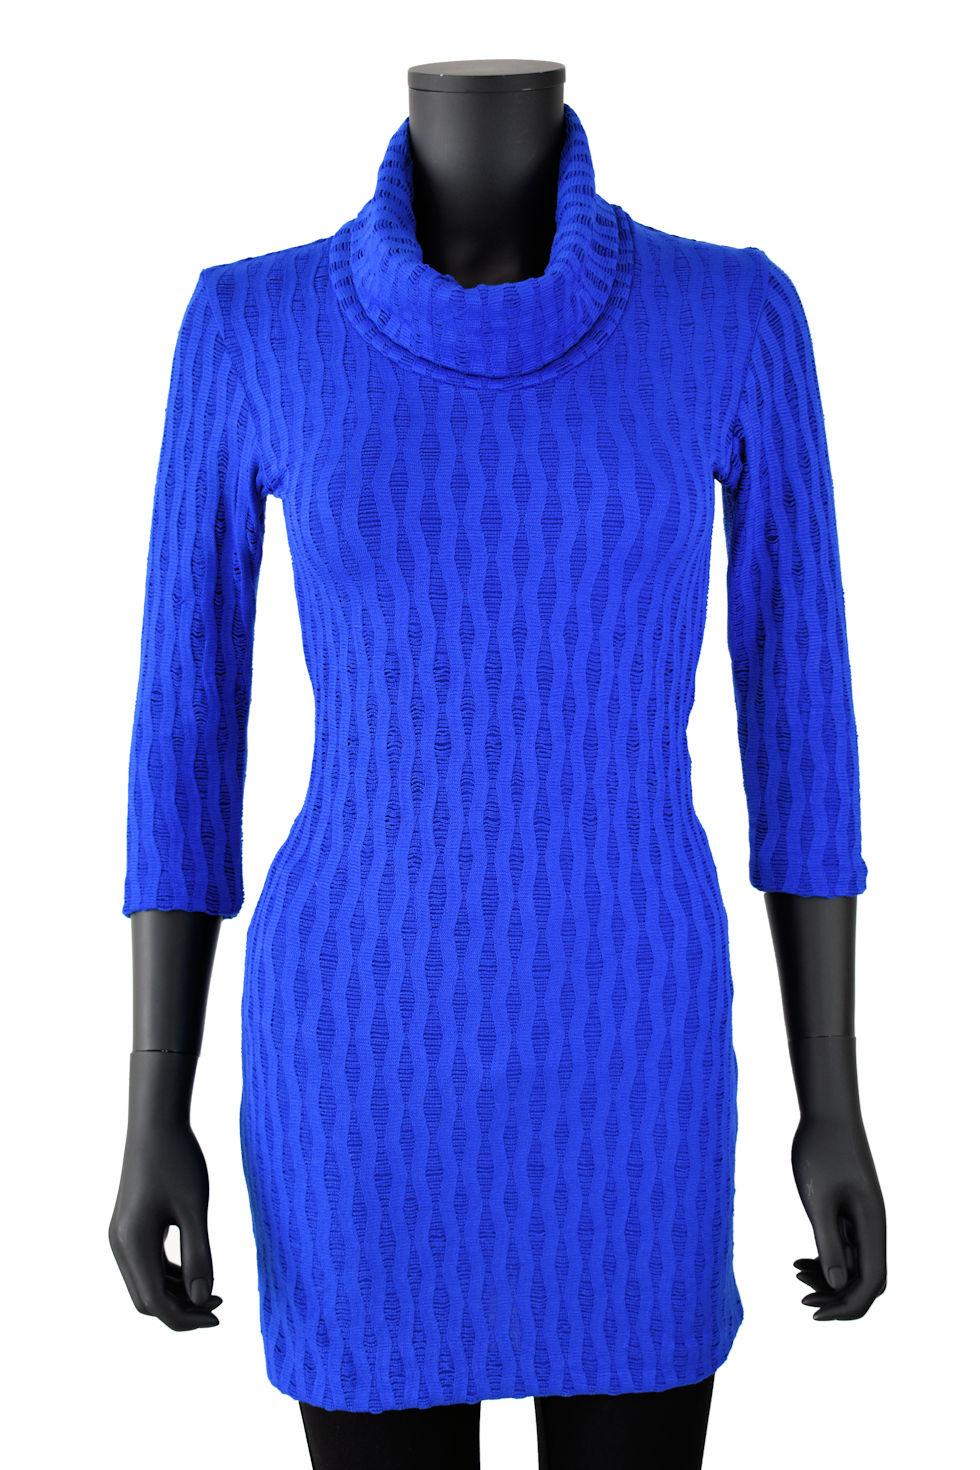 Chandail bleu royal à col montant. Création Québécoise signée Collection Space